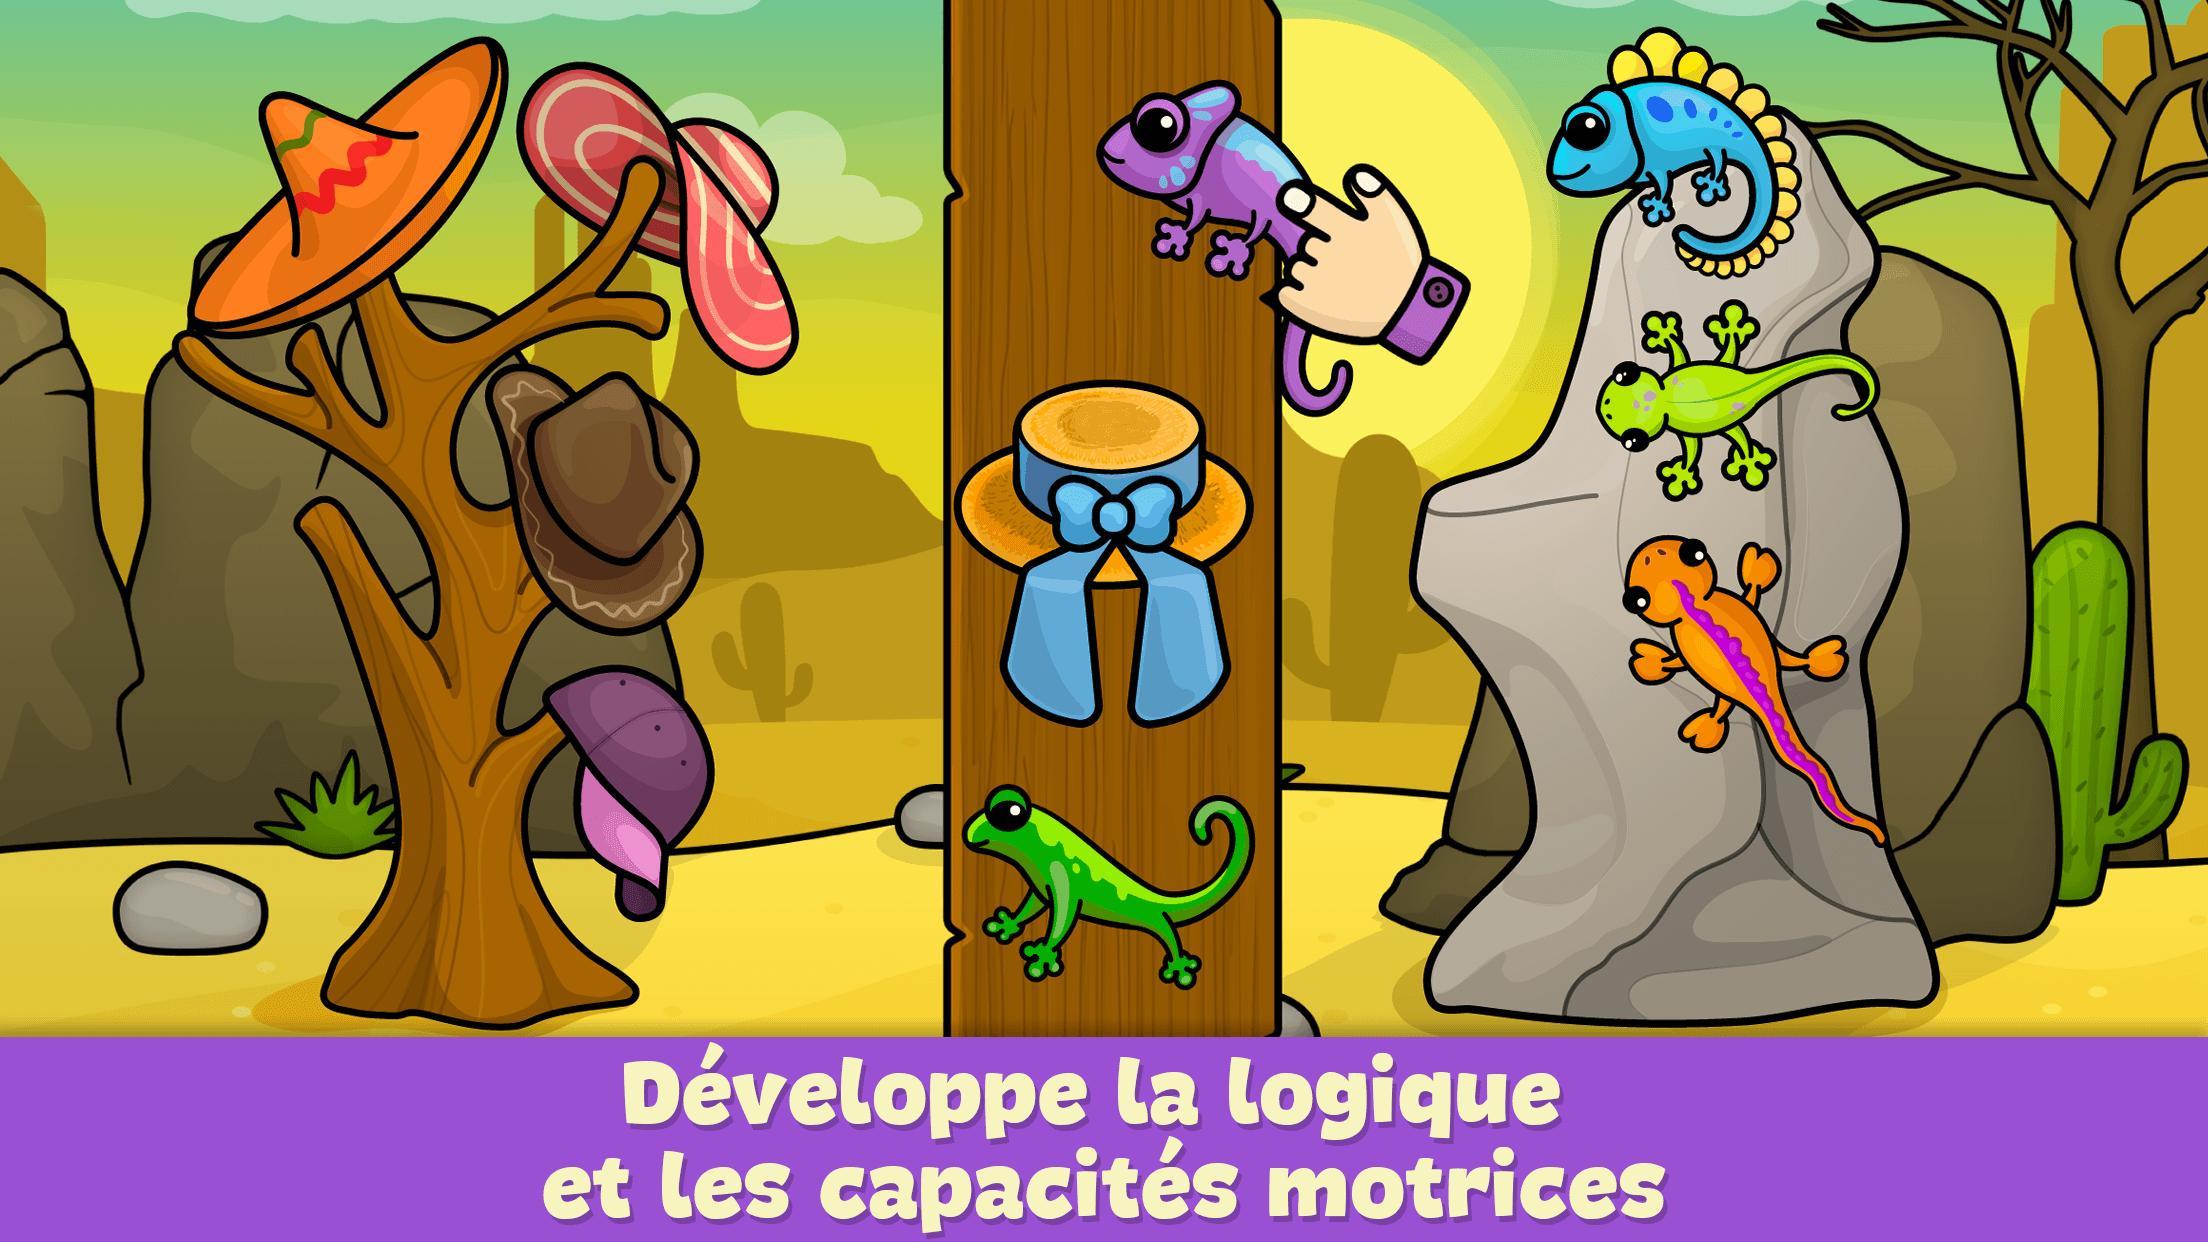 Jeux Pour Enfants 2 - 5 Ans Pour Android - Téléchargez L'apk à Jeux Bébé 2 Ans Gratuit A Telecharger